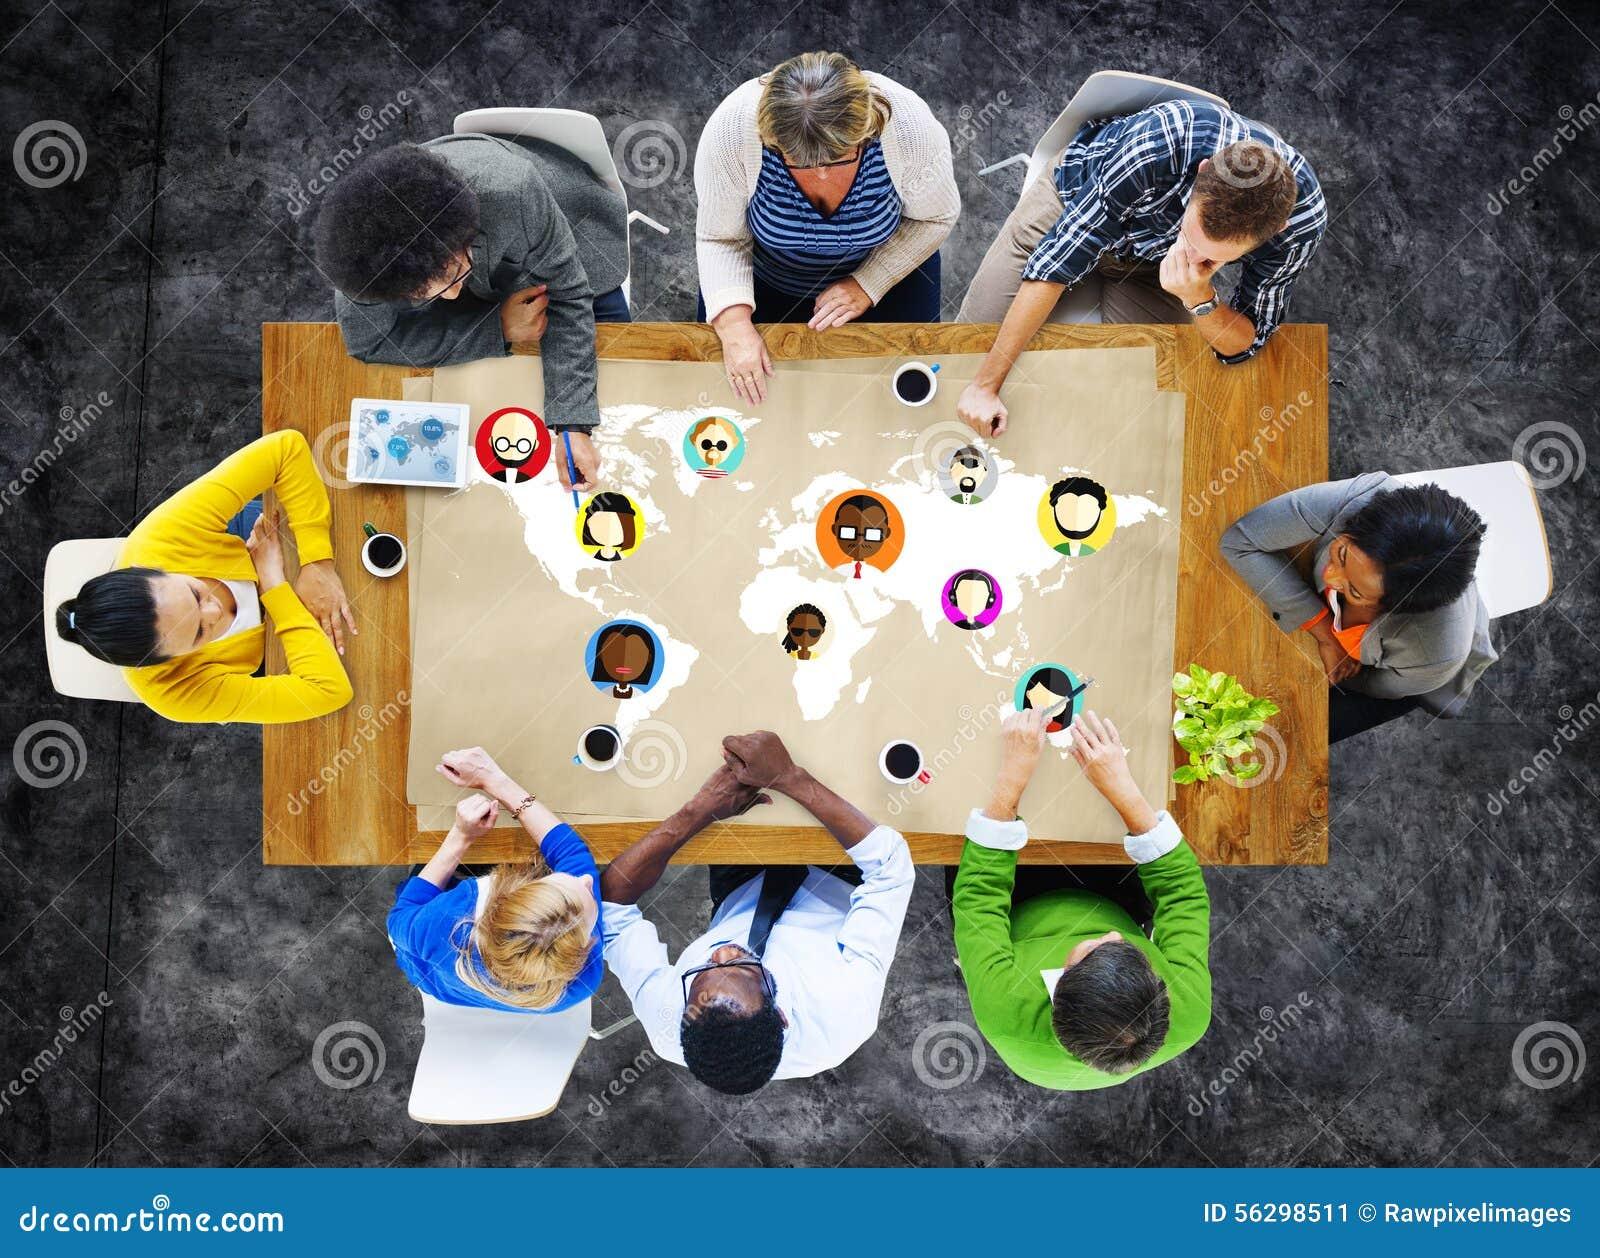 Collegamento globale Conce della rete sociale della gente del mondo della Comunità